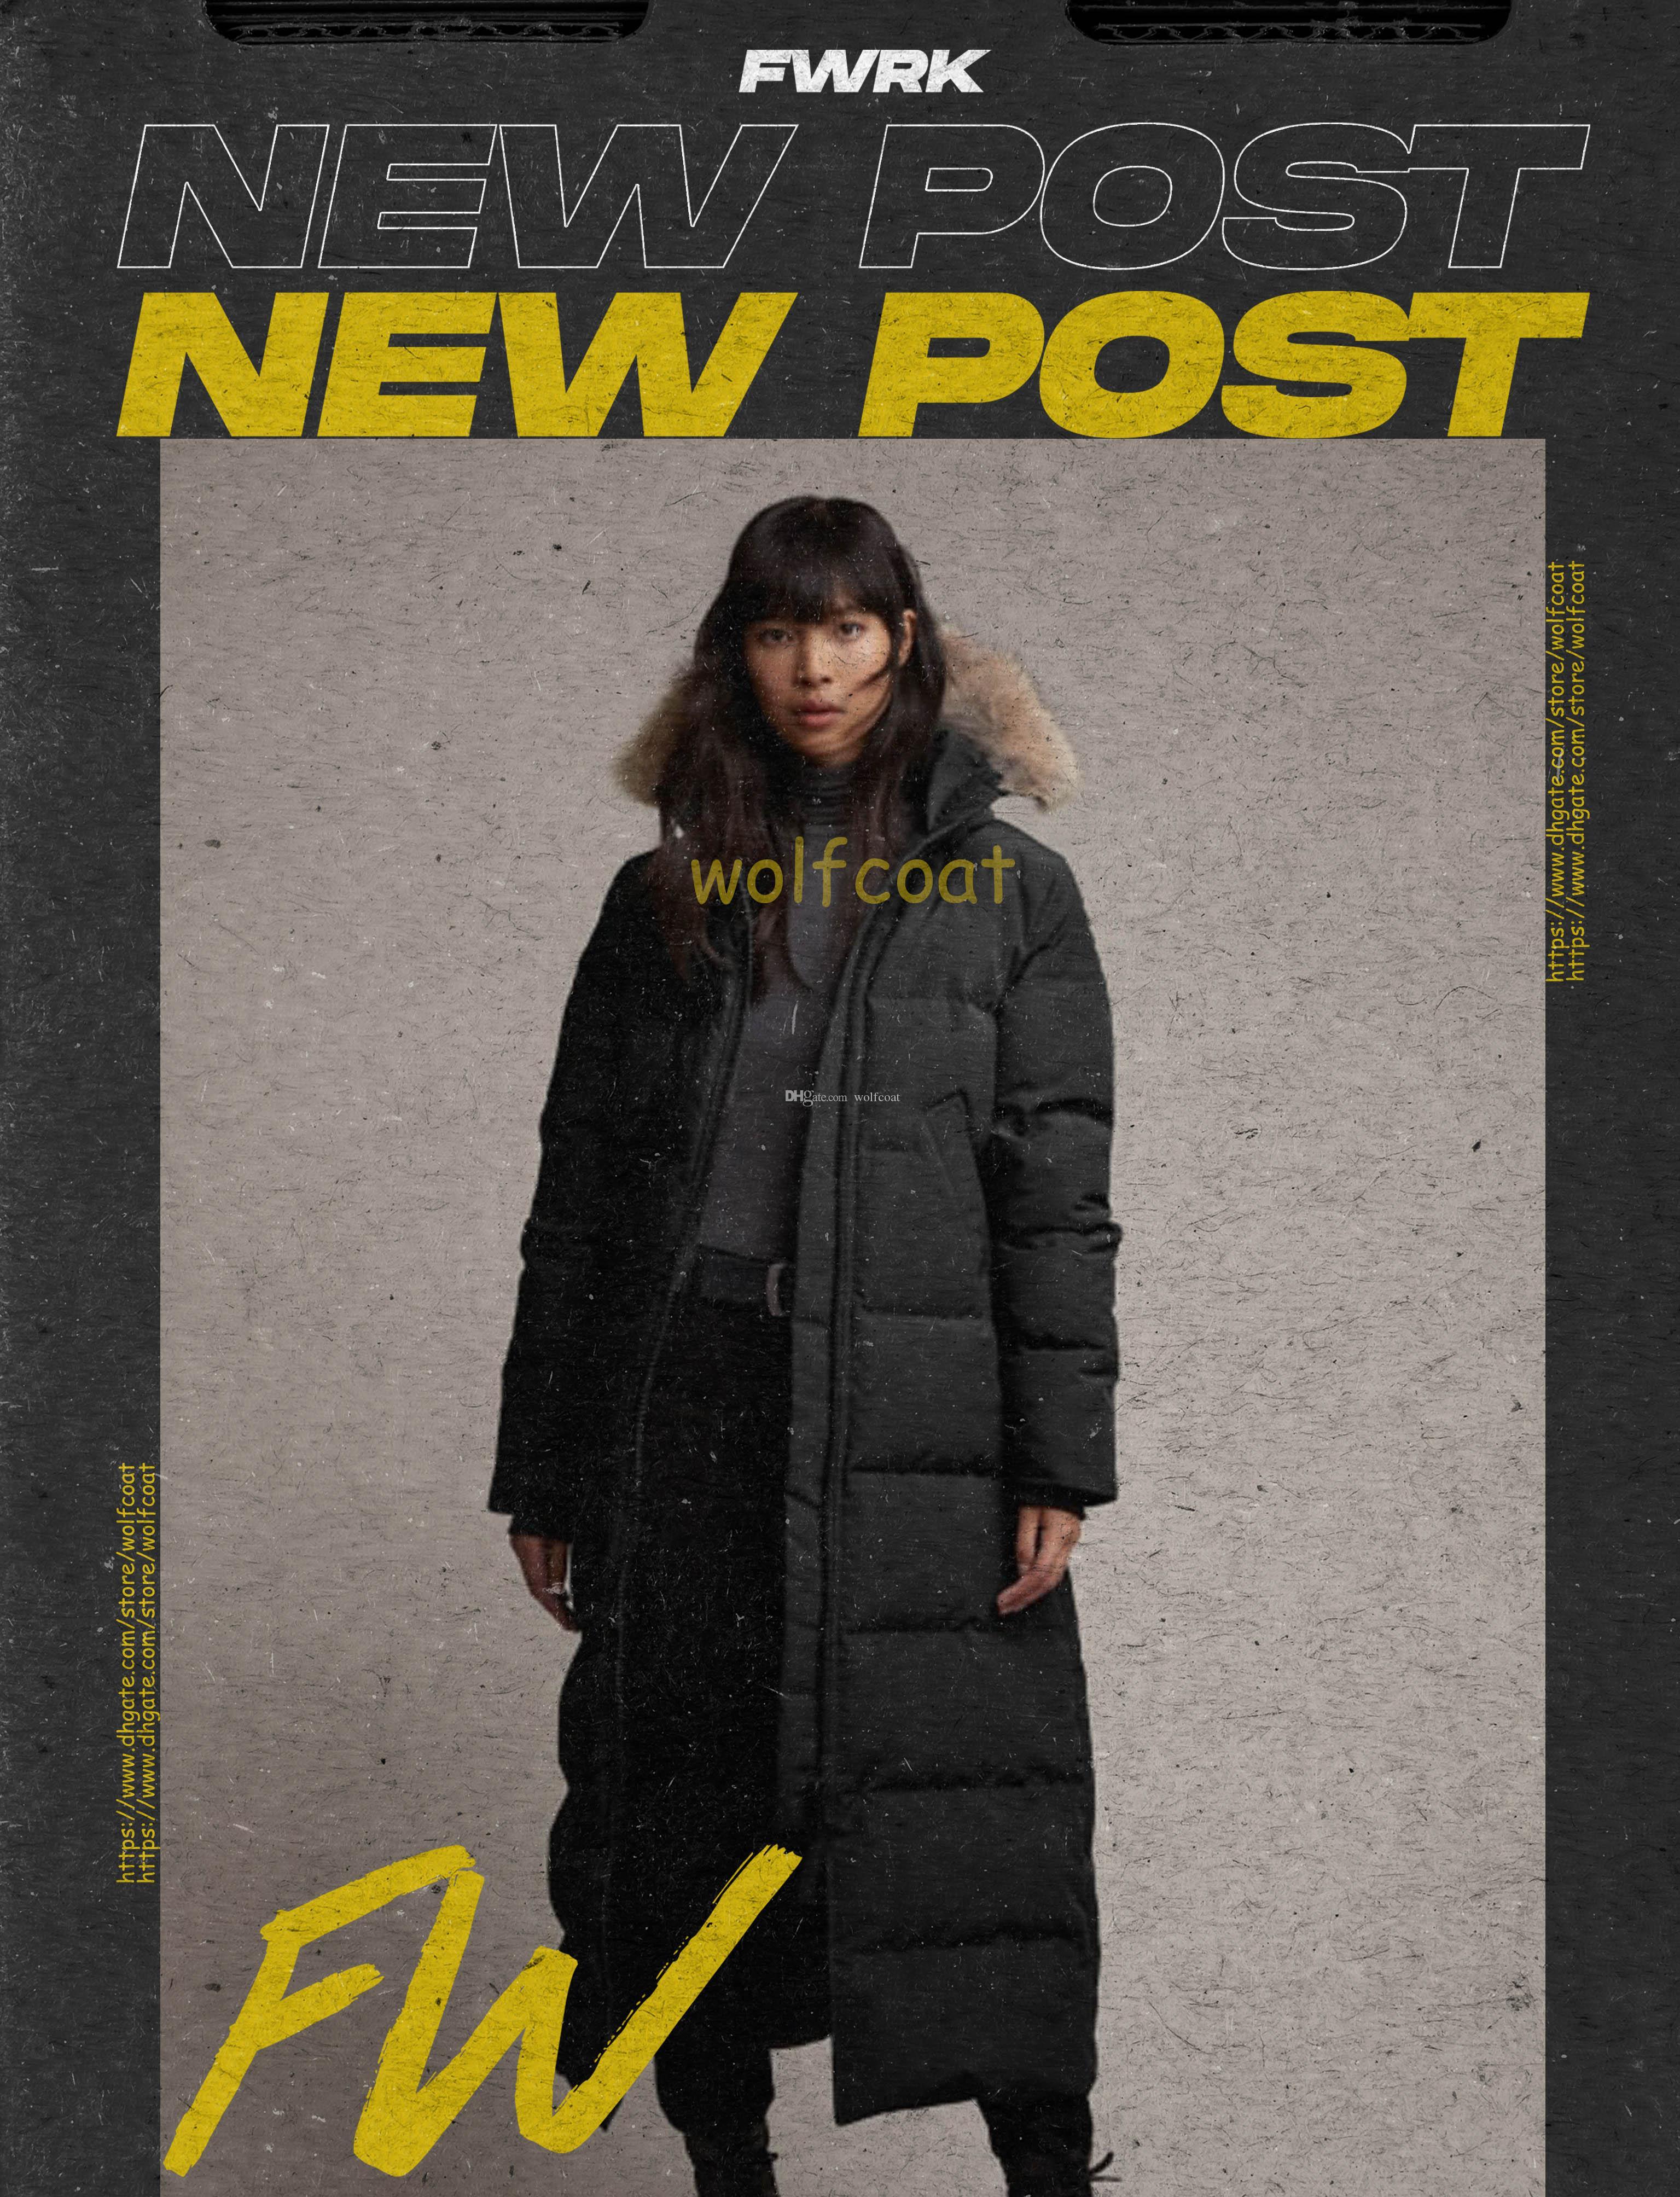 أعلى ستر الشتاء الإناث أسفل سترة المرأة الملابس معطف اللون معطف سترة الأزياء طويلة الأكمام عارضة ضئيلة في الهواء الطلق هود سميكة